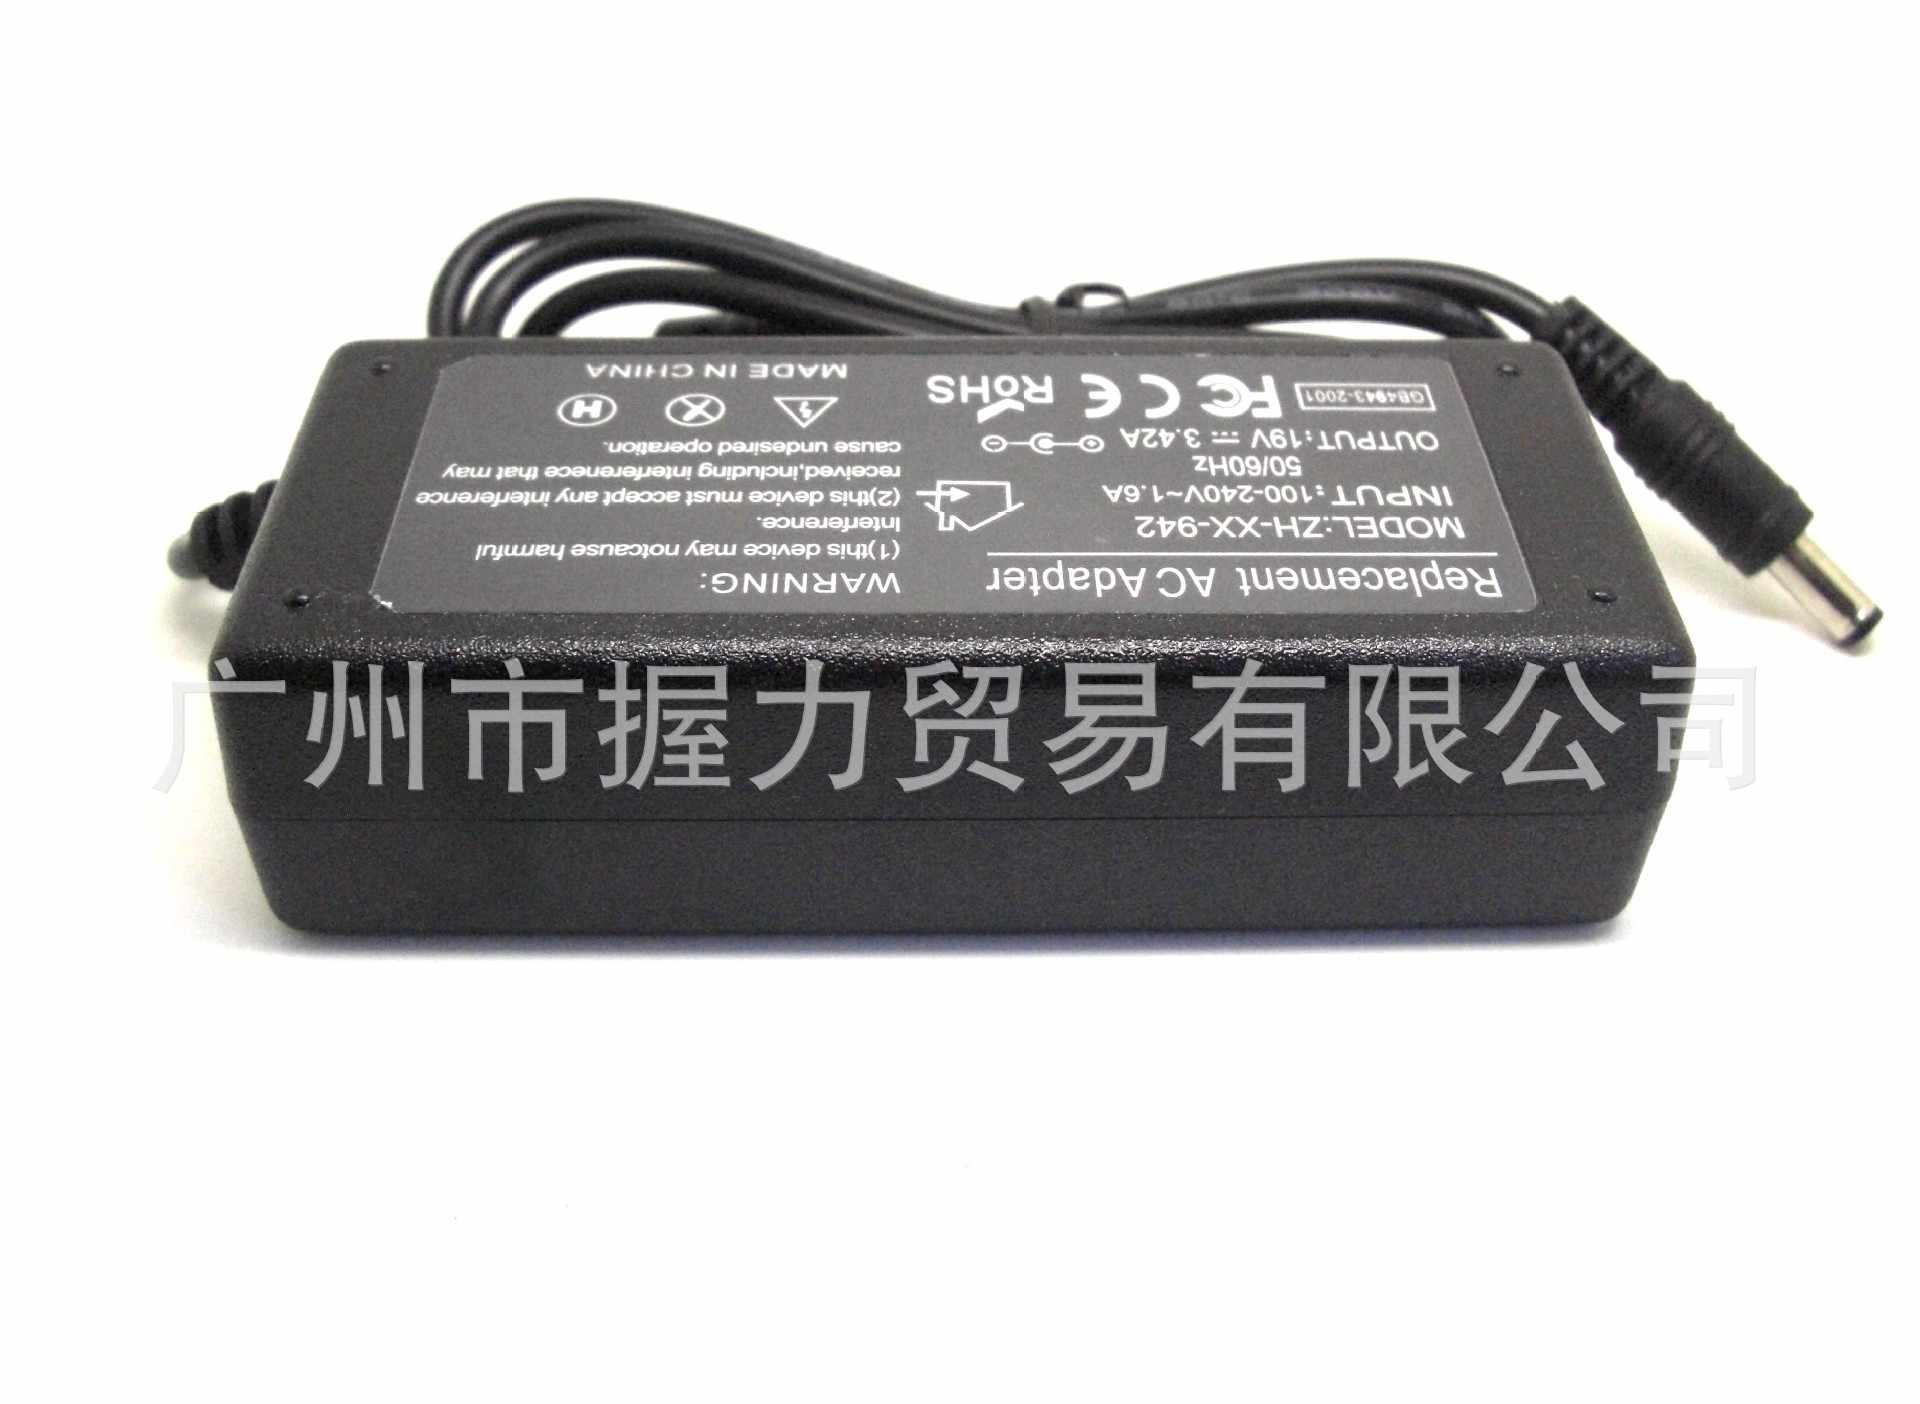 19V 3.42A 65W محمول Ac محول الطاقة شاحن لينوفو G530 G550 G555 G560 Y450 Y530 Y470 U450 U550 5.5 مللي متر * 2.5 مللي متر